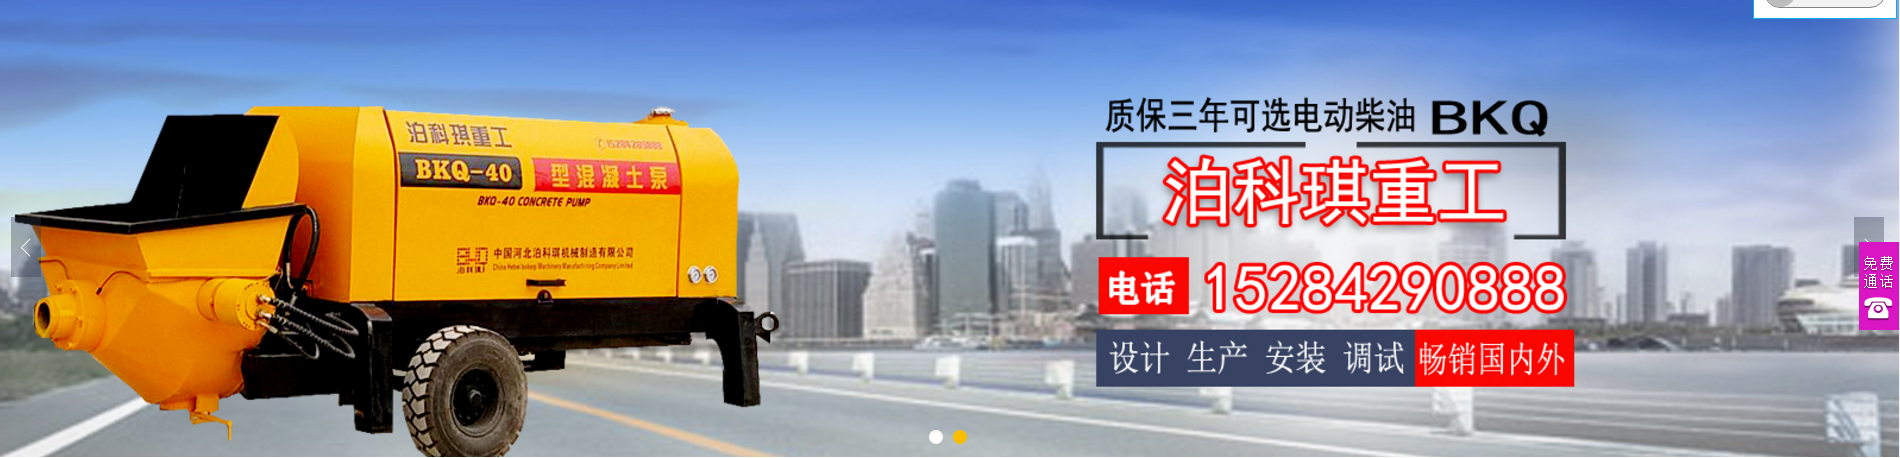 邢台市泊科琪机械制造超碰公开视频